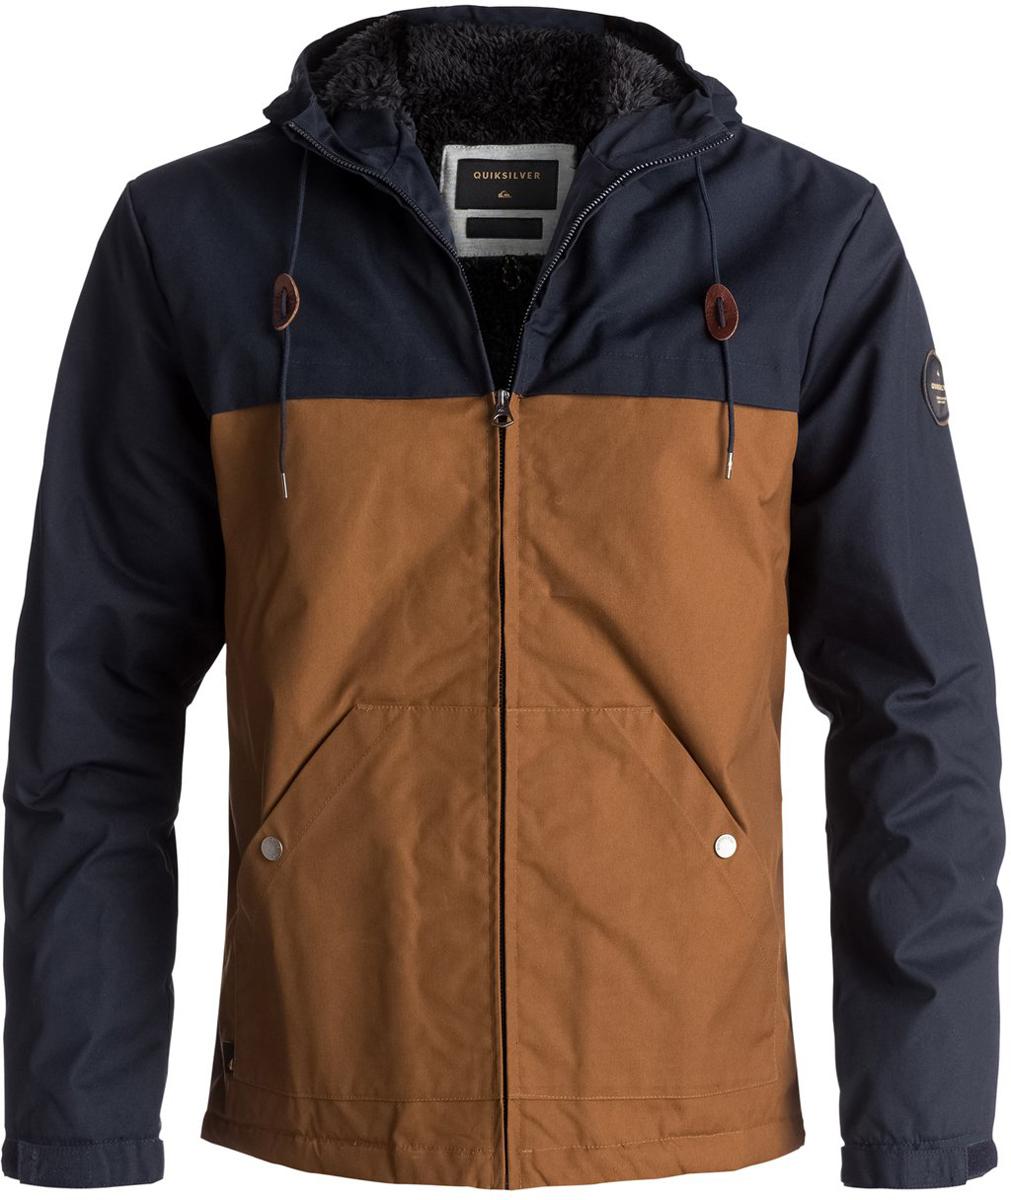 Куртка мужская Quiksilver Wanna, цвет: темно-синий, песочный. EQYJK03361-BYJ0. Размер M (48) quiksilver куртка утепленная мужская quiksilver mission